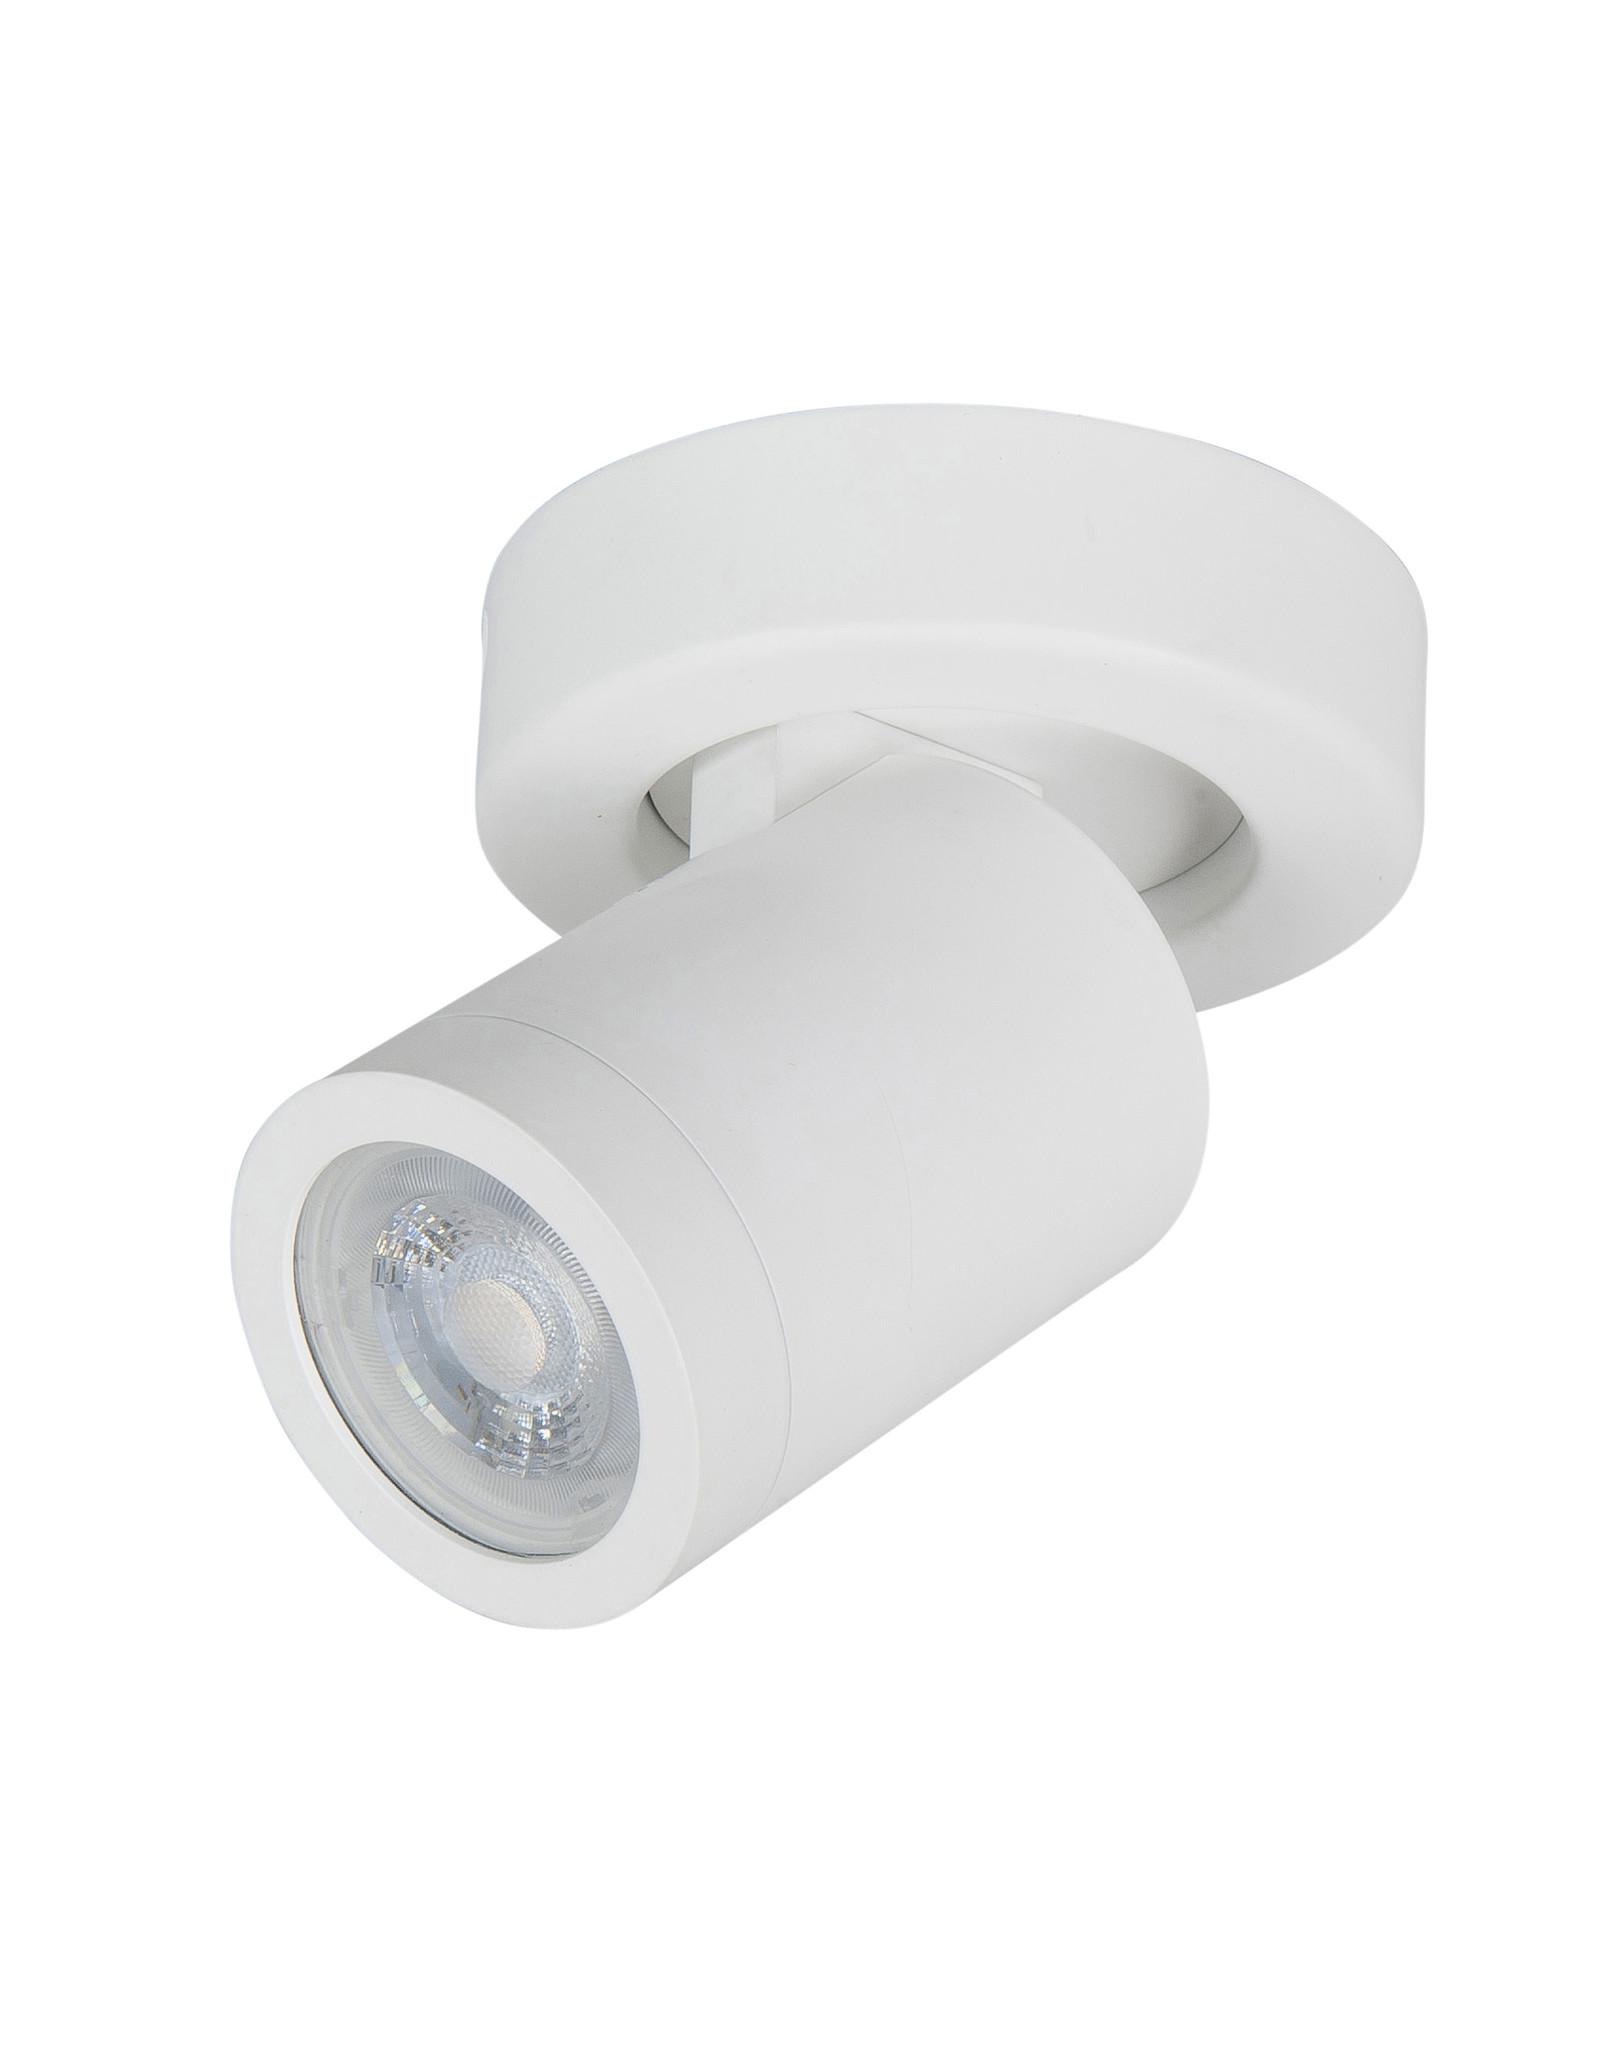 Oliver spot  GU10 LED IP44 rond Mat Wit zonder lampen